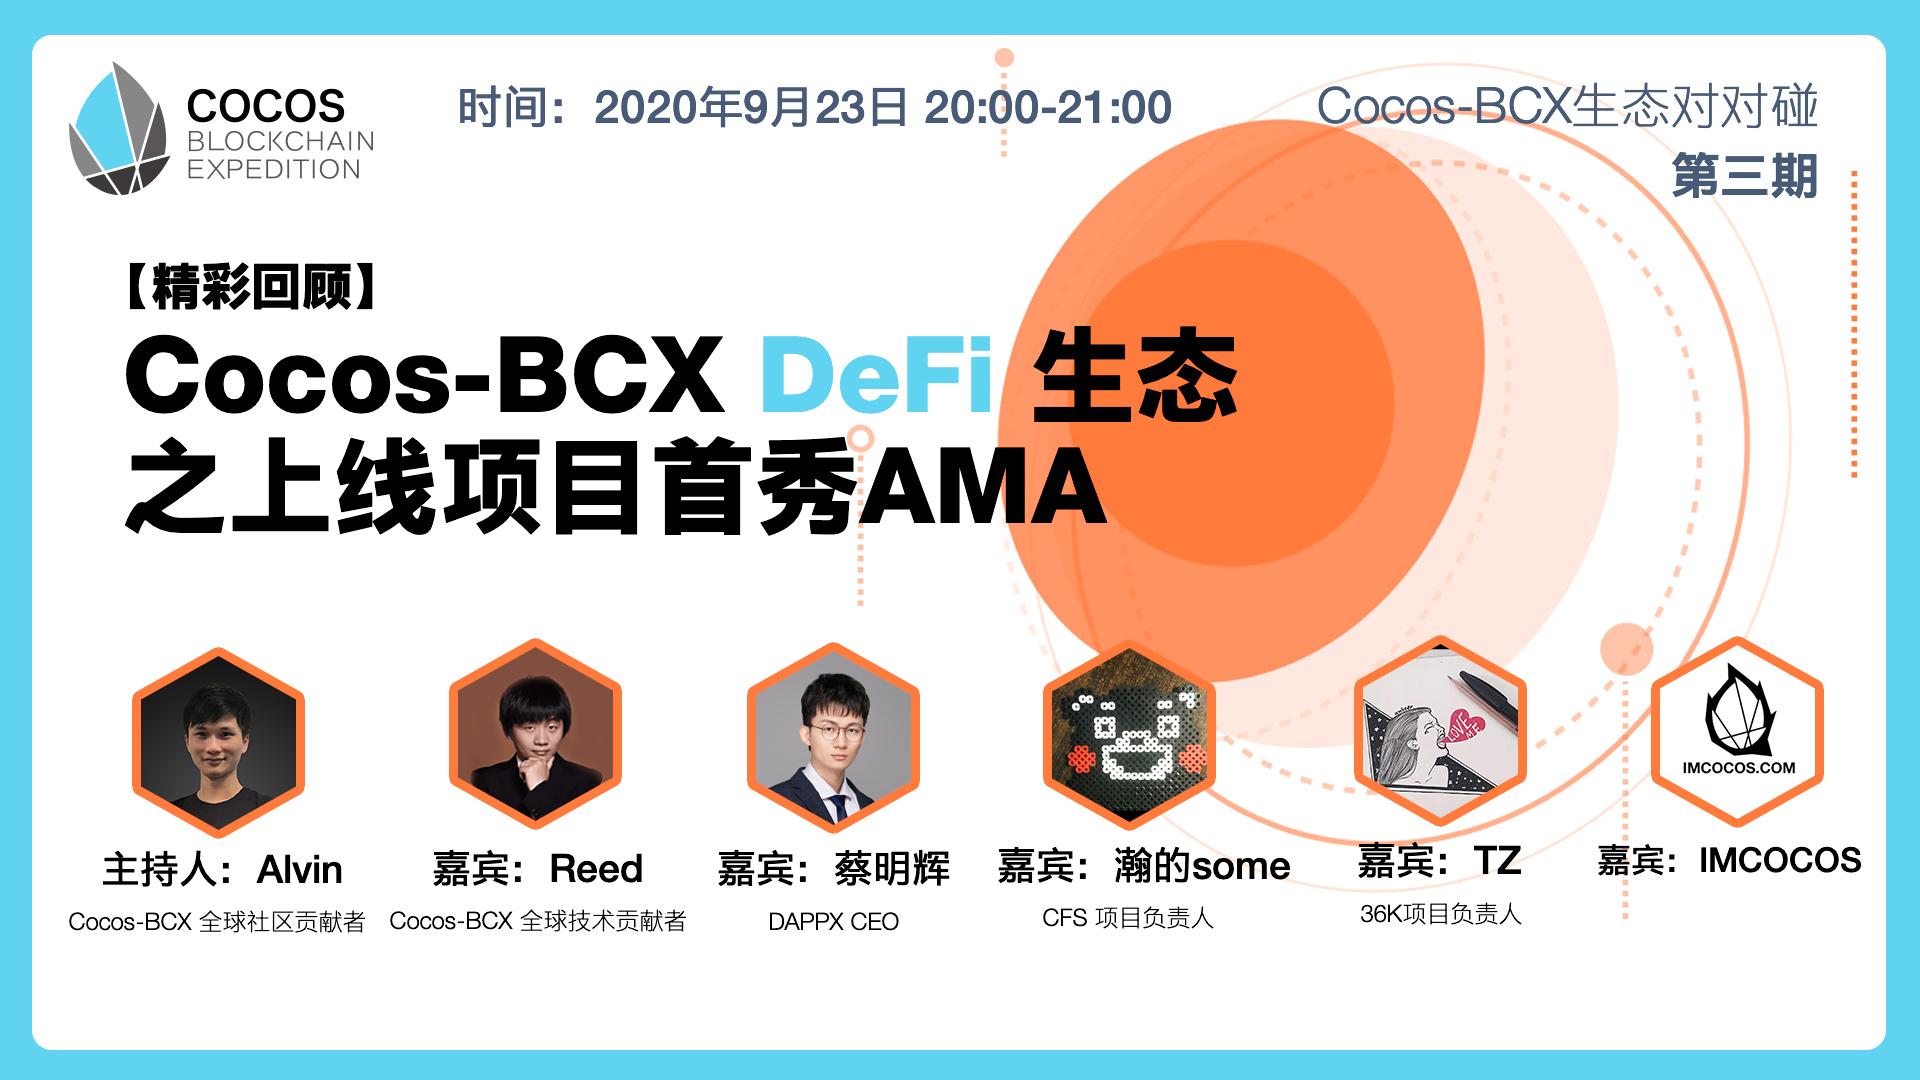 【第三期】Cocos-BCX生态对对碰视觉111.jpg